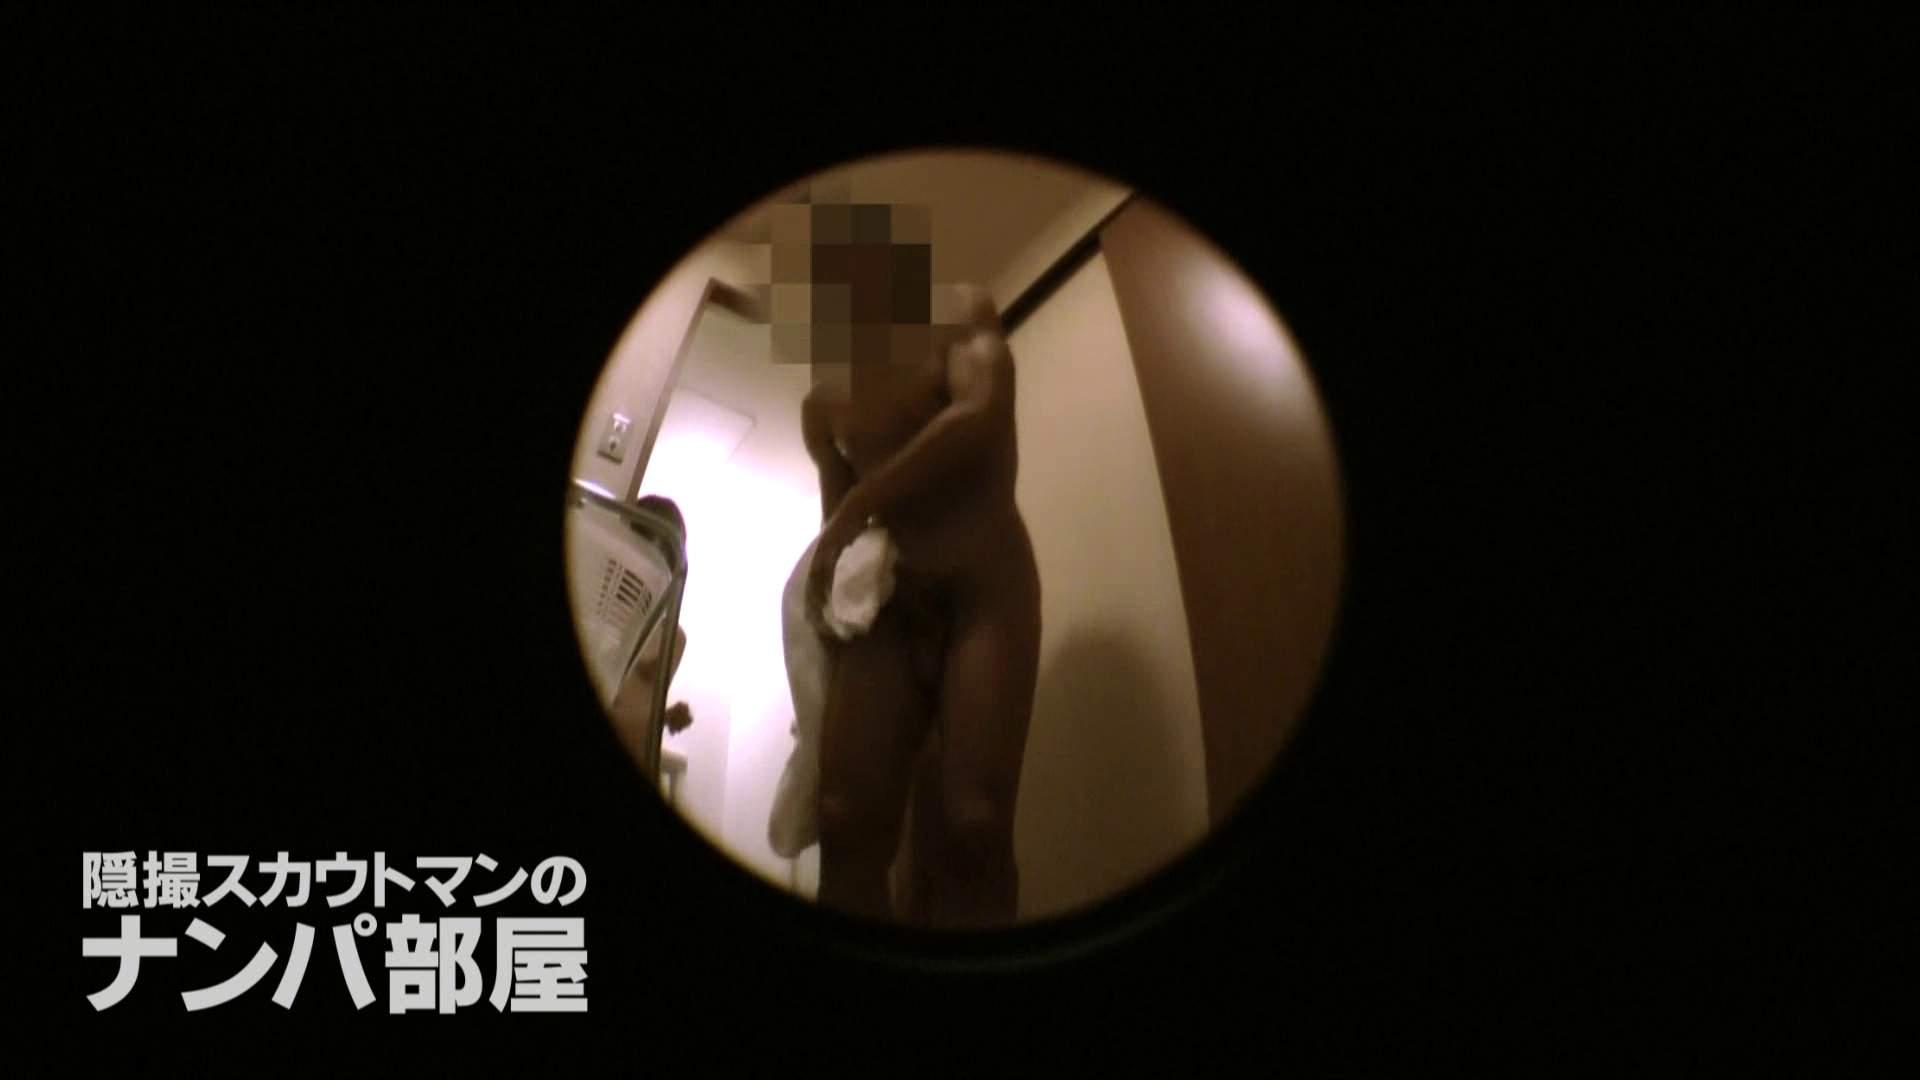 隠撮スカウトマンのナンパ部屋~風俗デビュー前のつまみ食い~ siivol.4 中出し エロ無料画像 74pic 28